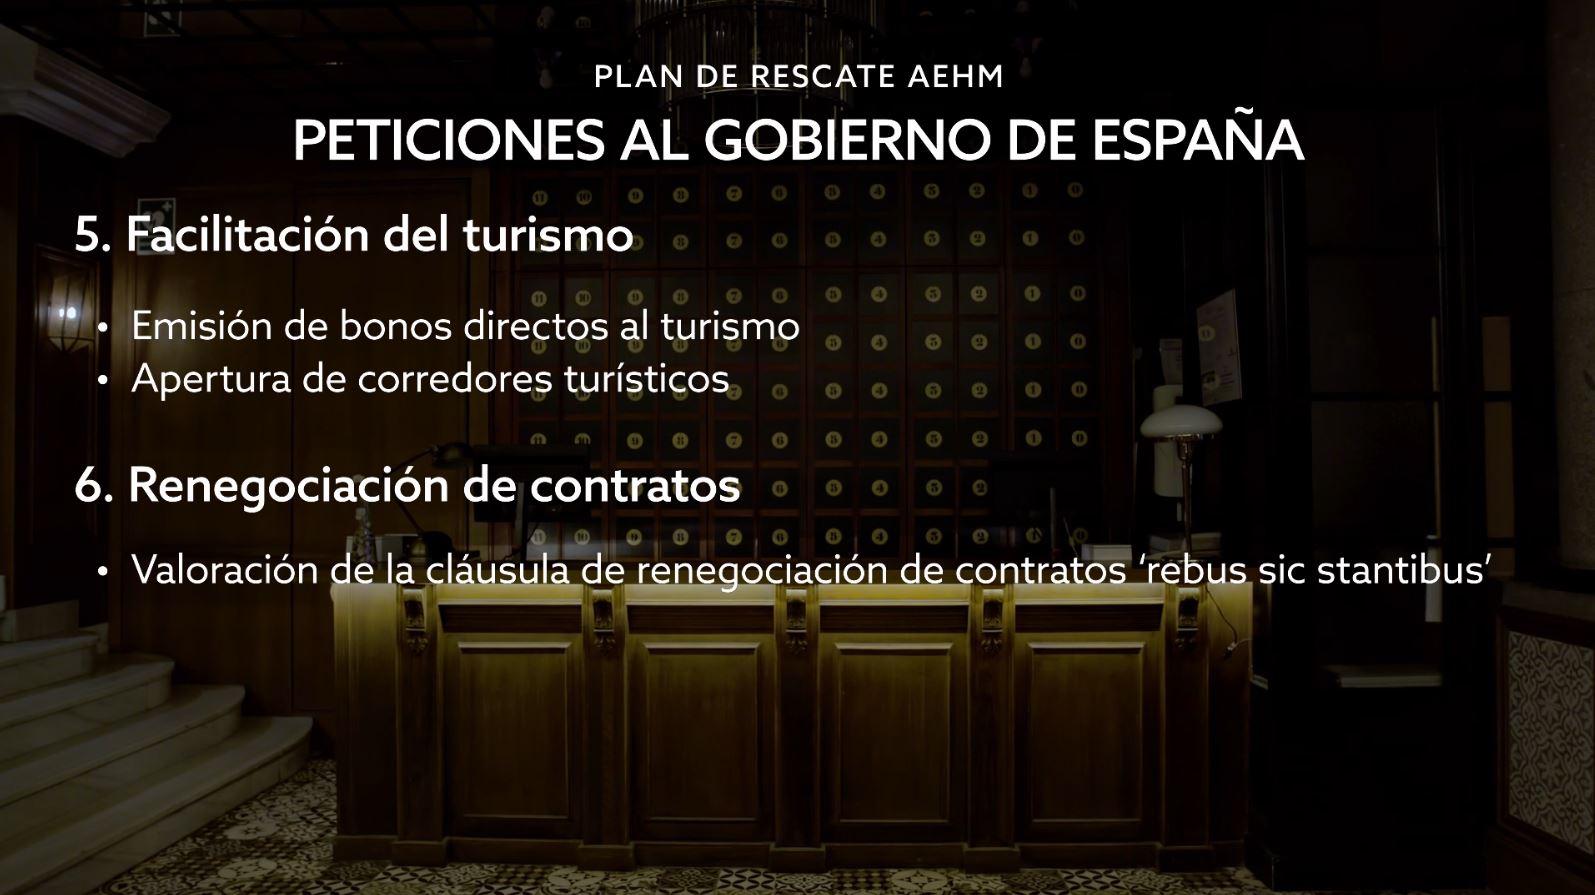 3. Peticiones Al Gobierno De España